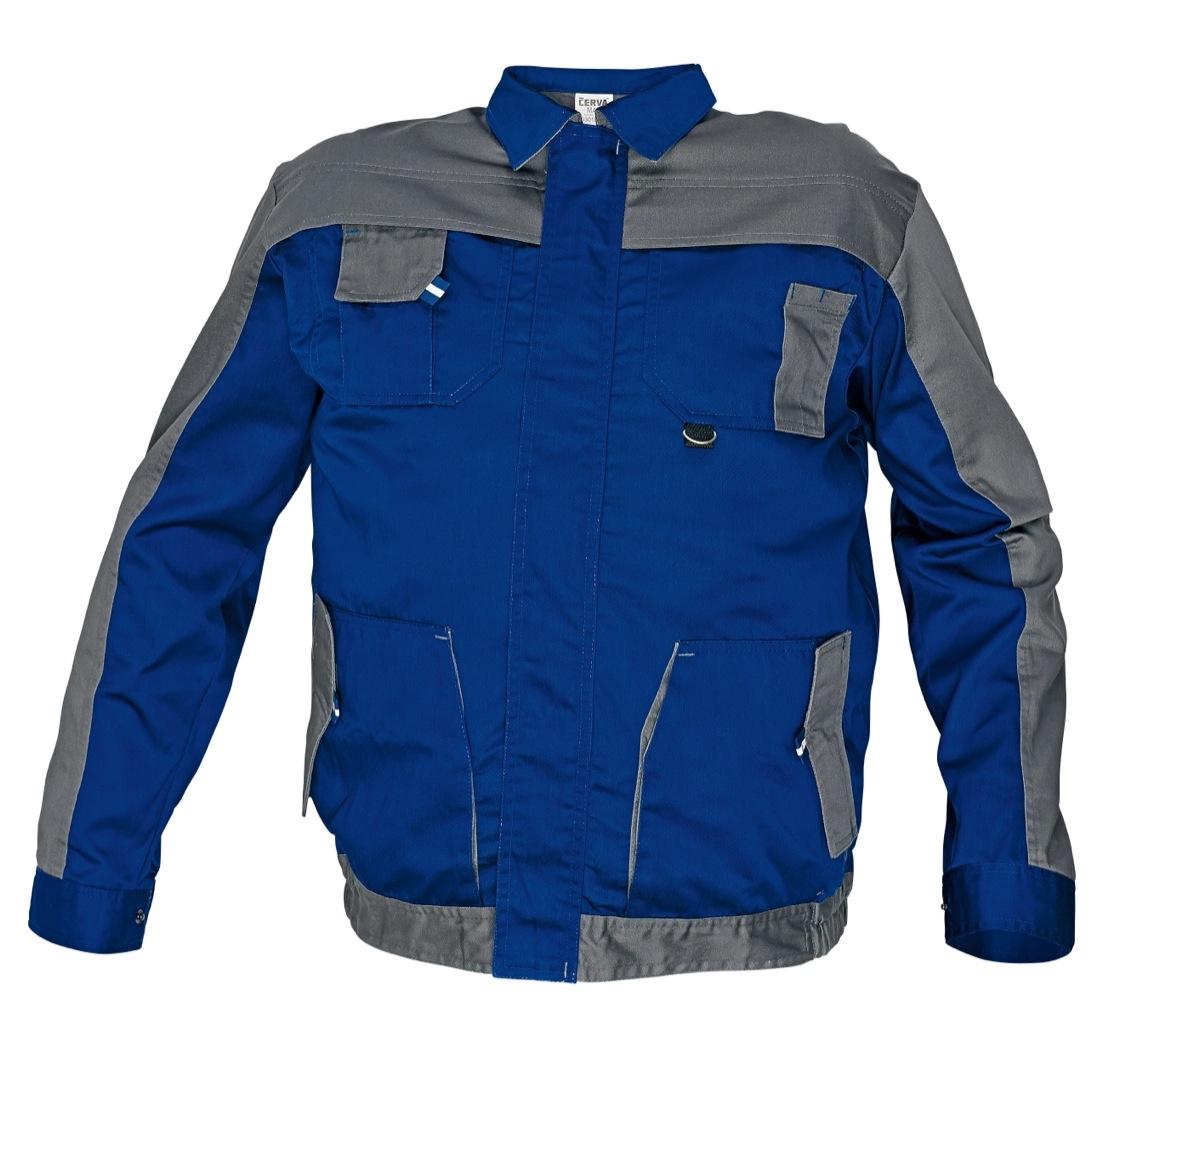 MAX EVOLUTION dzseki kék-szürke